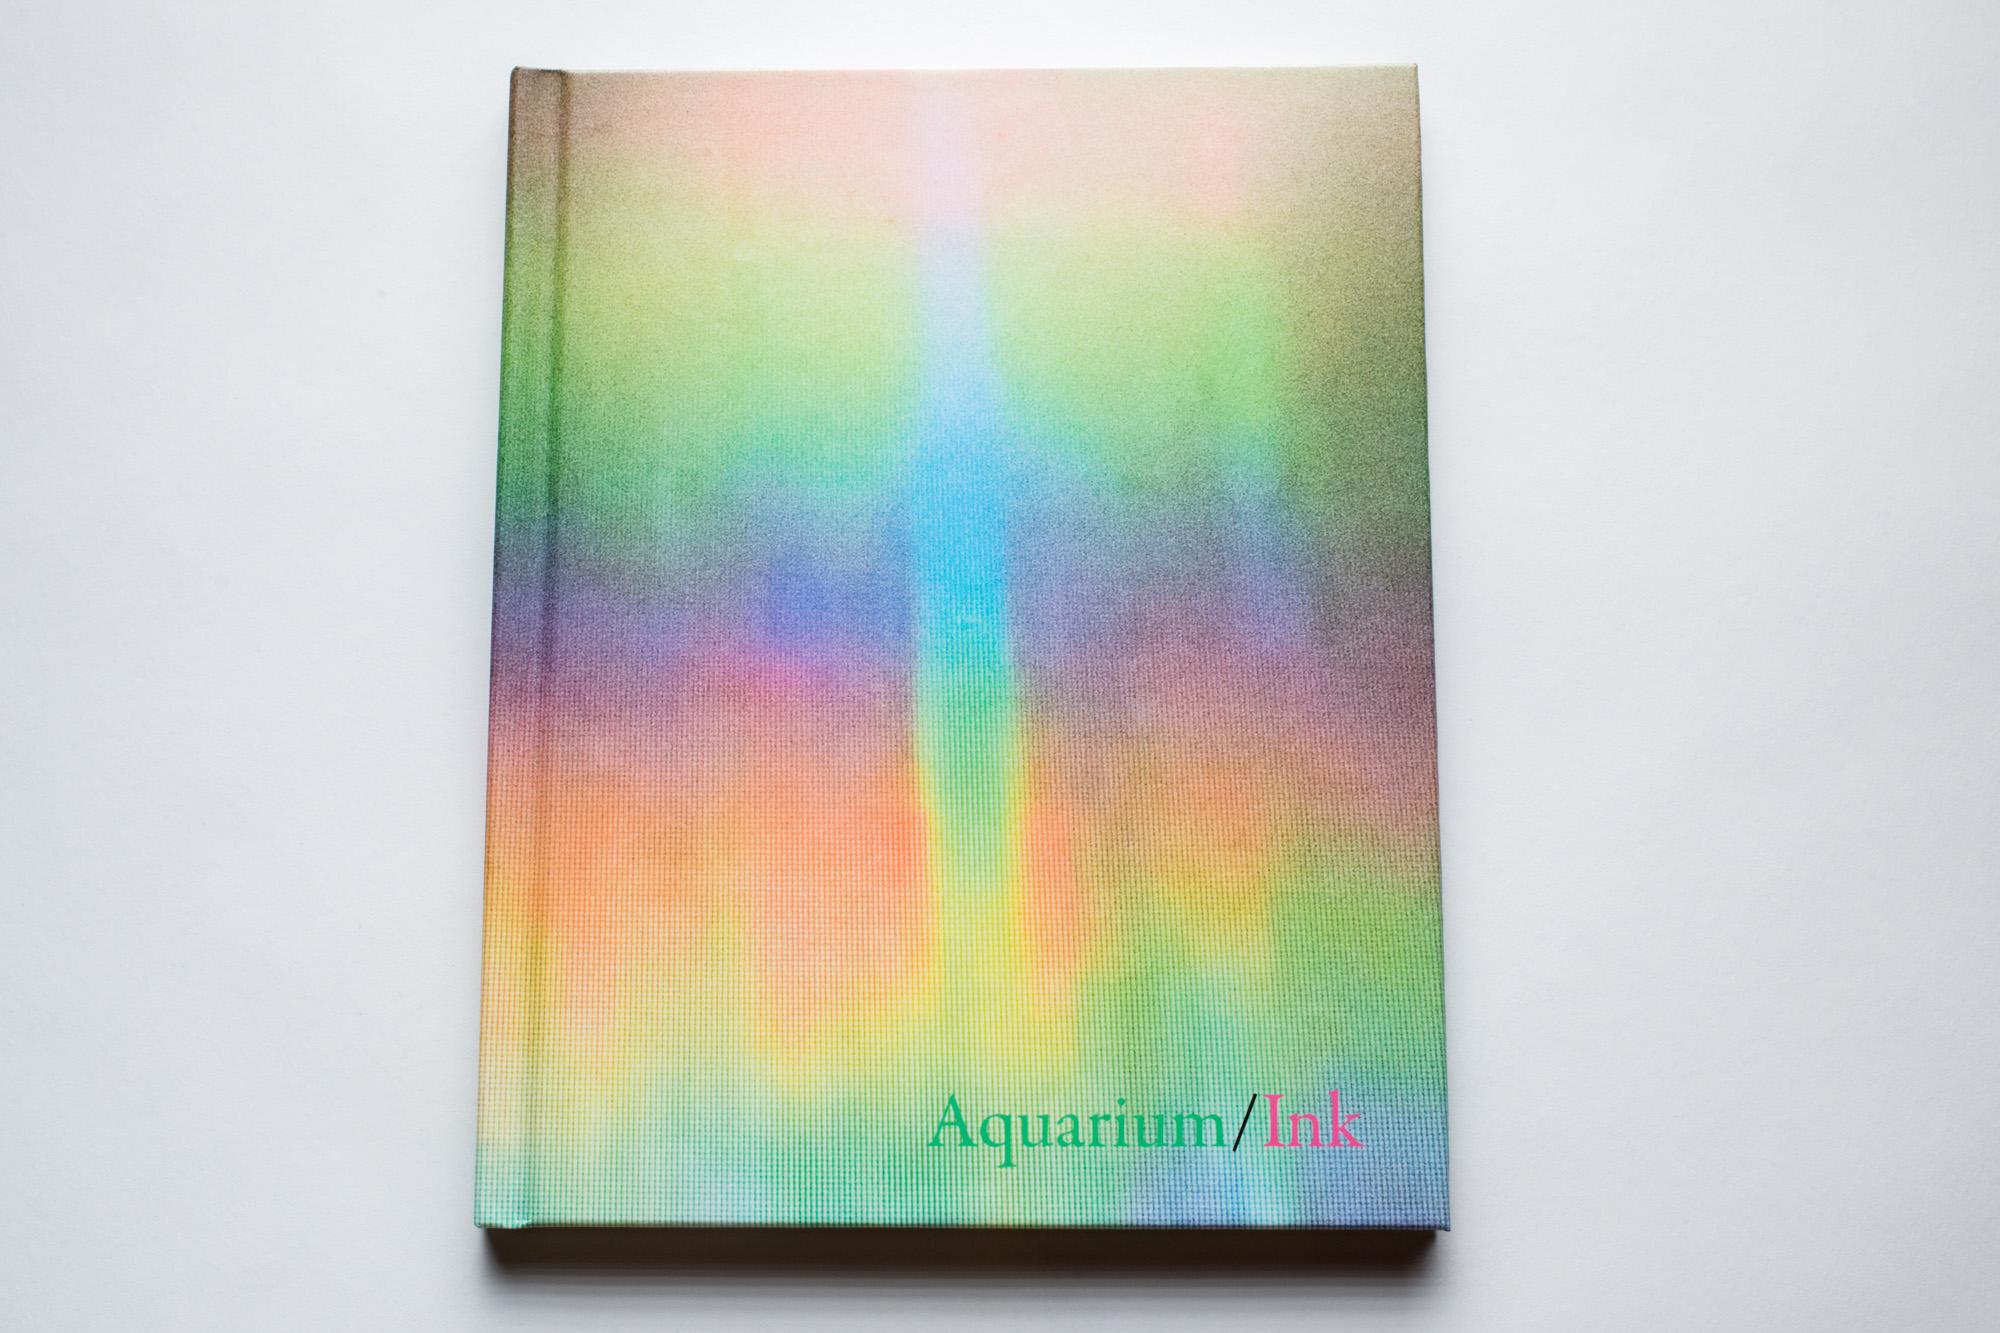 aquarium_ink-4.jpg